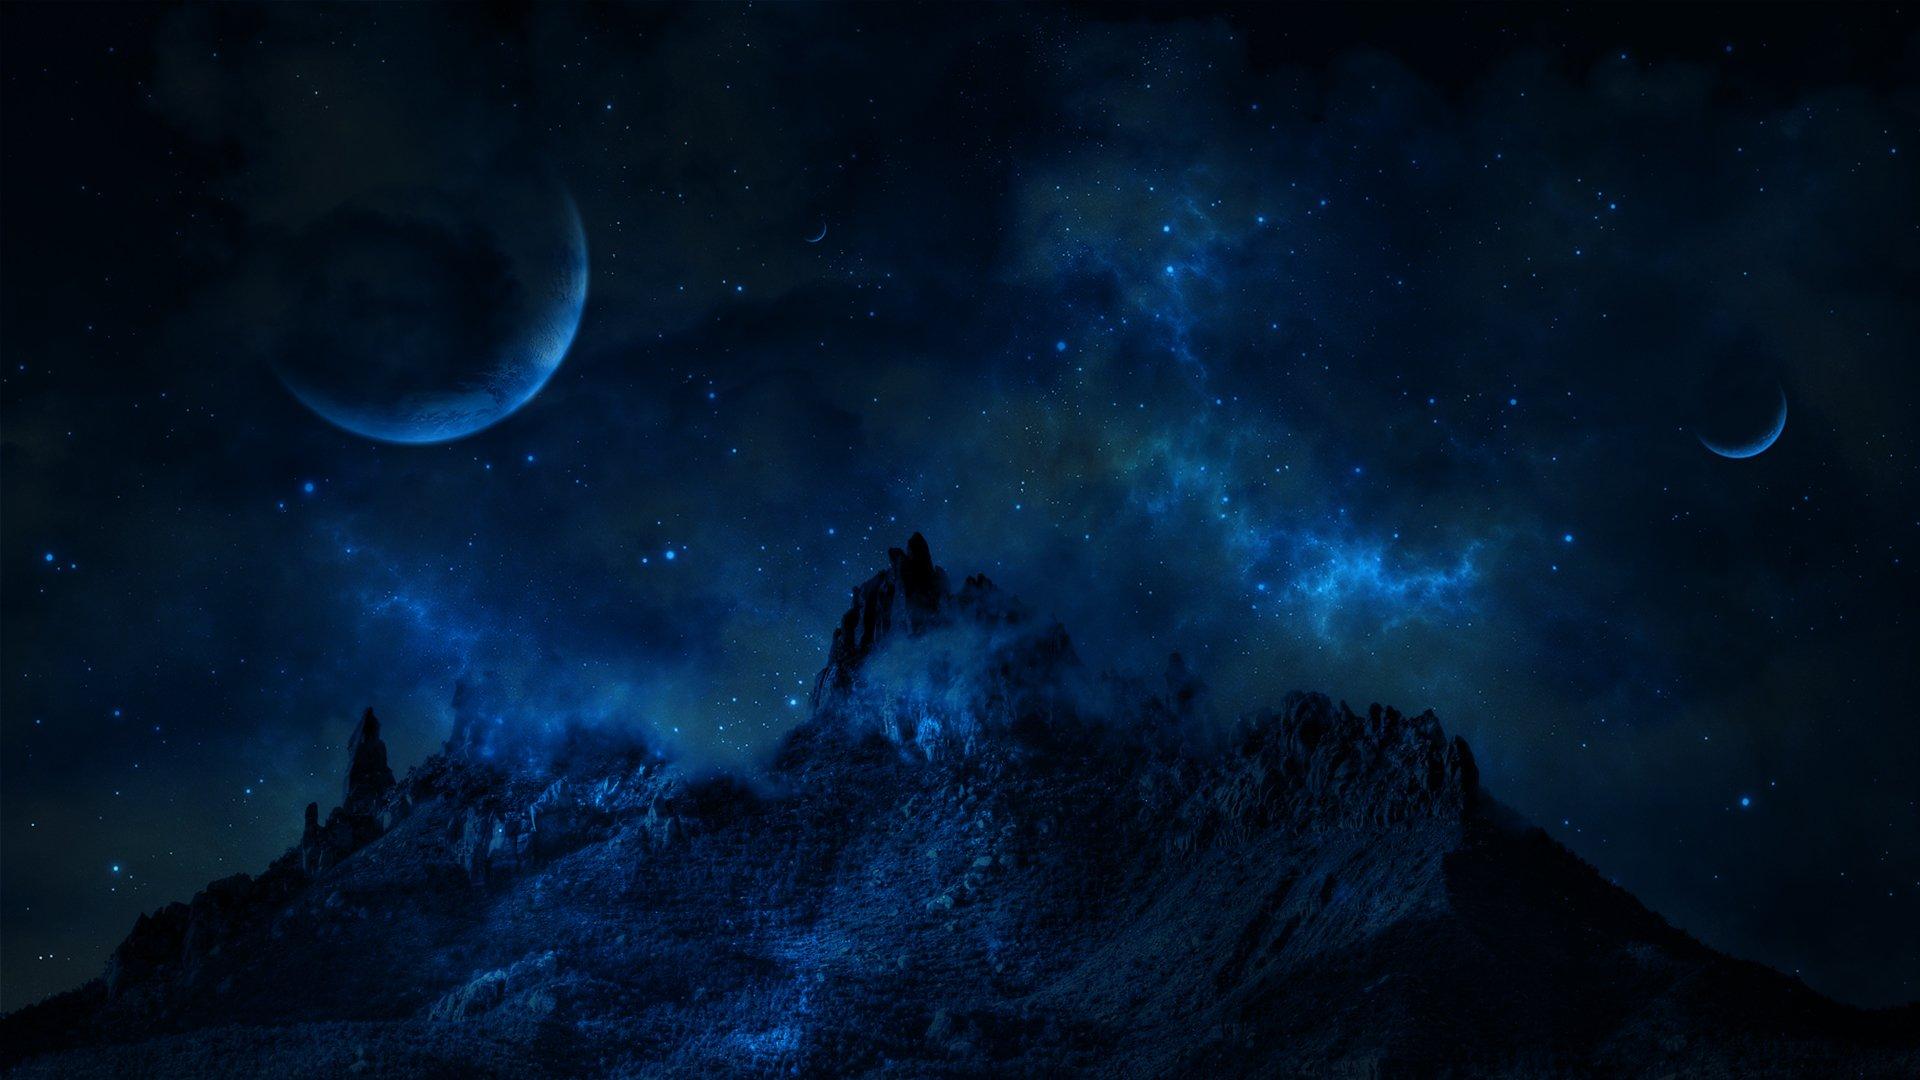 природа космос горы скалы небо звезды ночь  № 851872 бесплатно